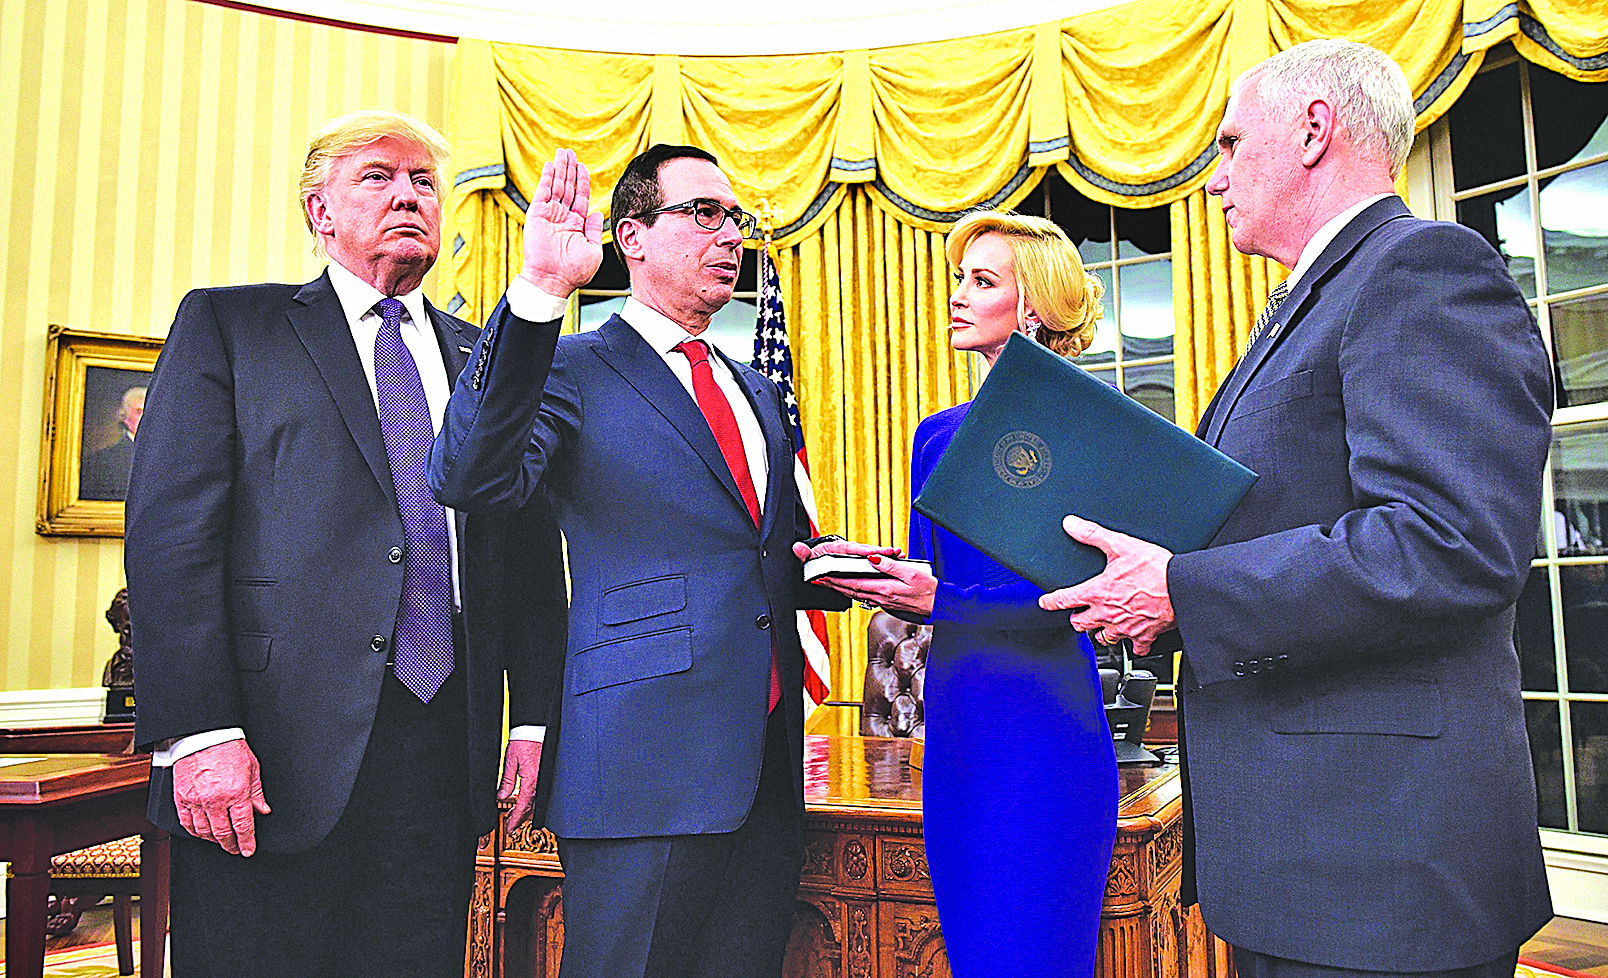 2017年2月13日,在白宮總統辦公室,美國財政部長史蒂芬‧努欽在彭斯副總統主持下宣誓就職。(Getty Images)